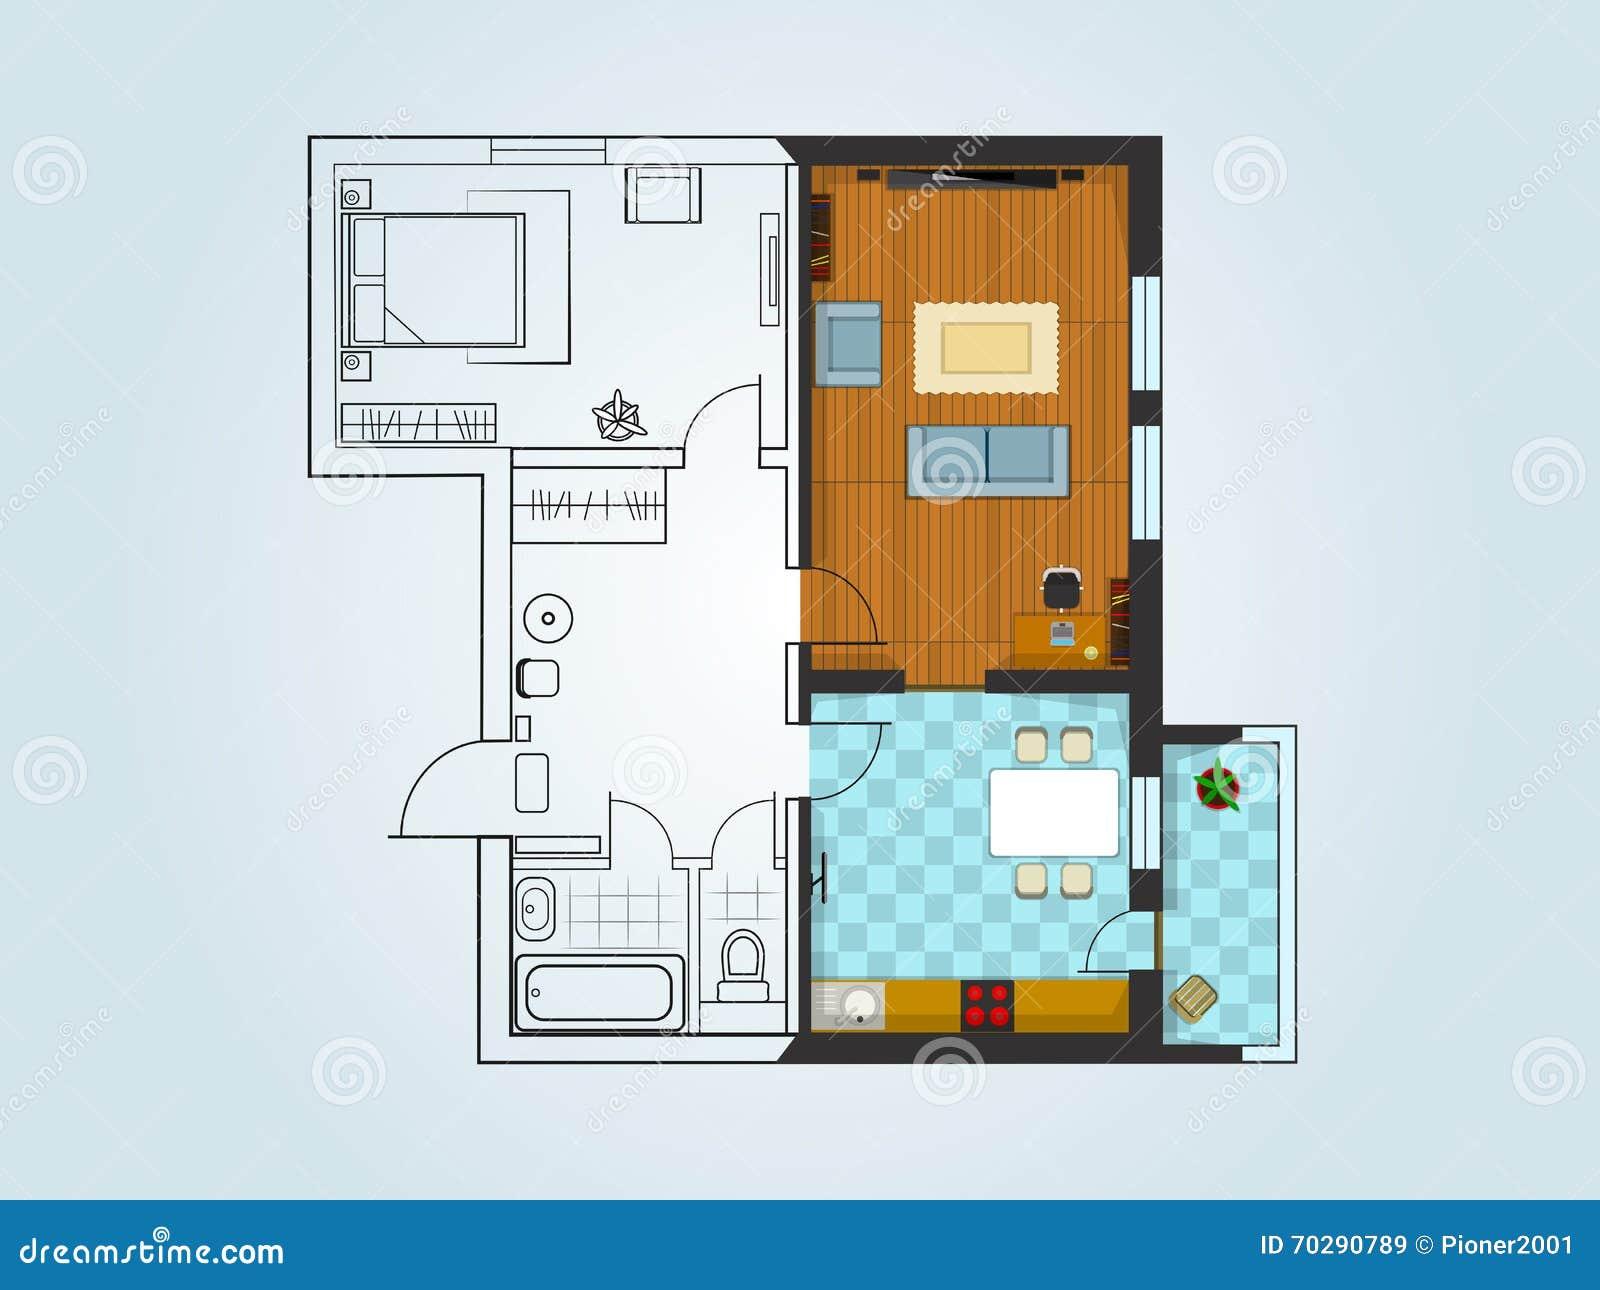 Der Plan der Wohnung